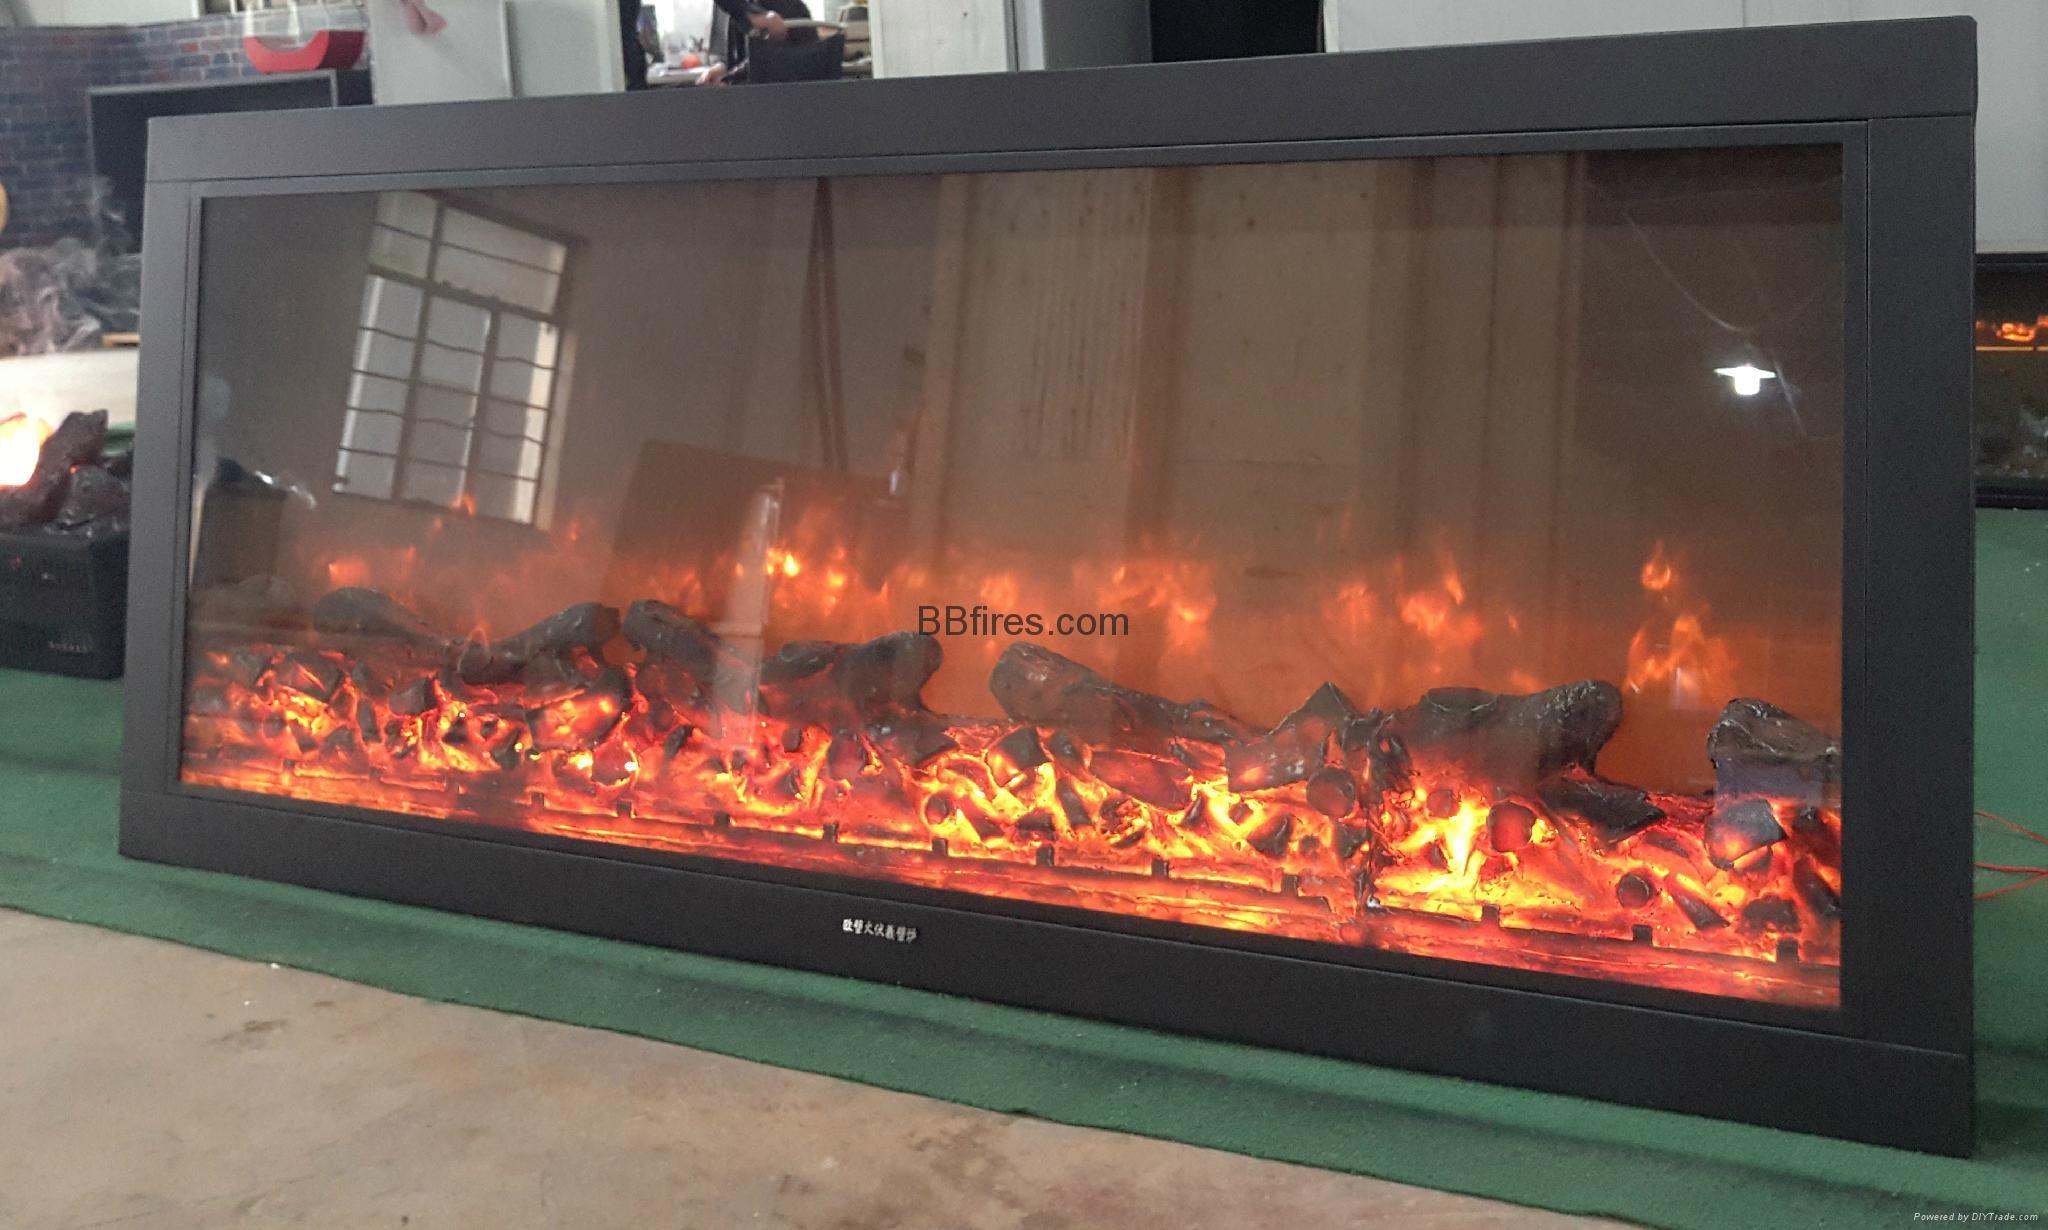 BB 嵌入式黄钛金壁炉电子壁炉 18